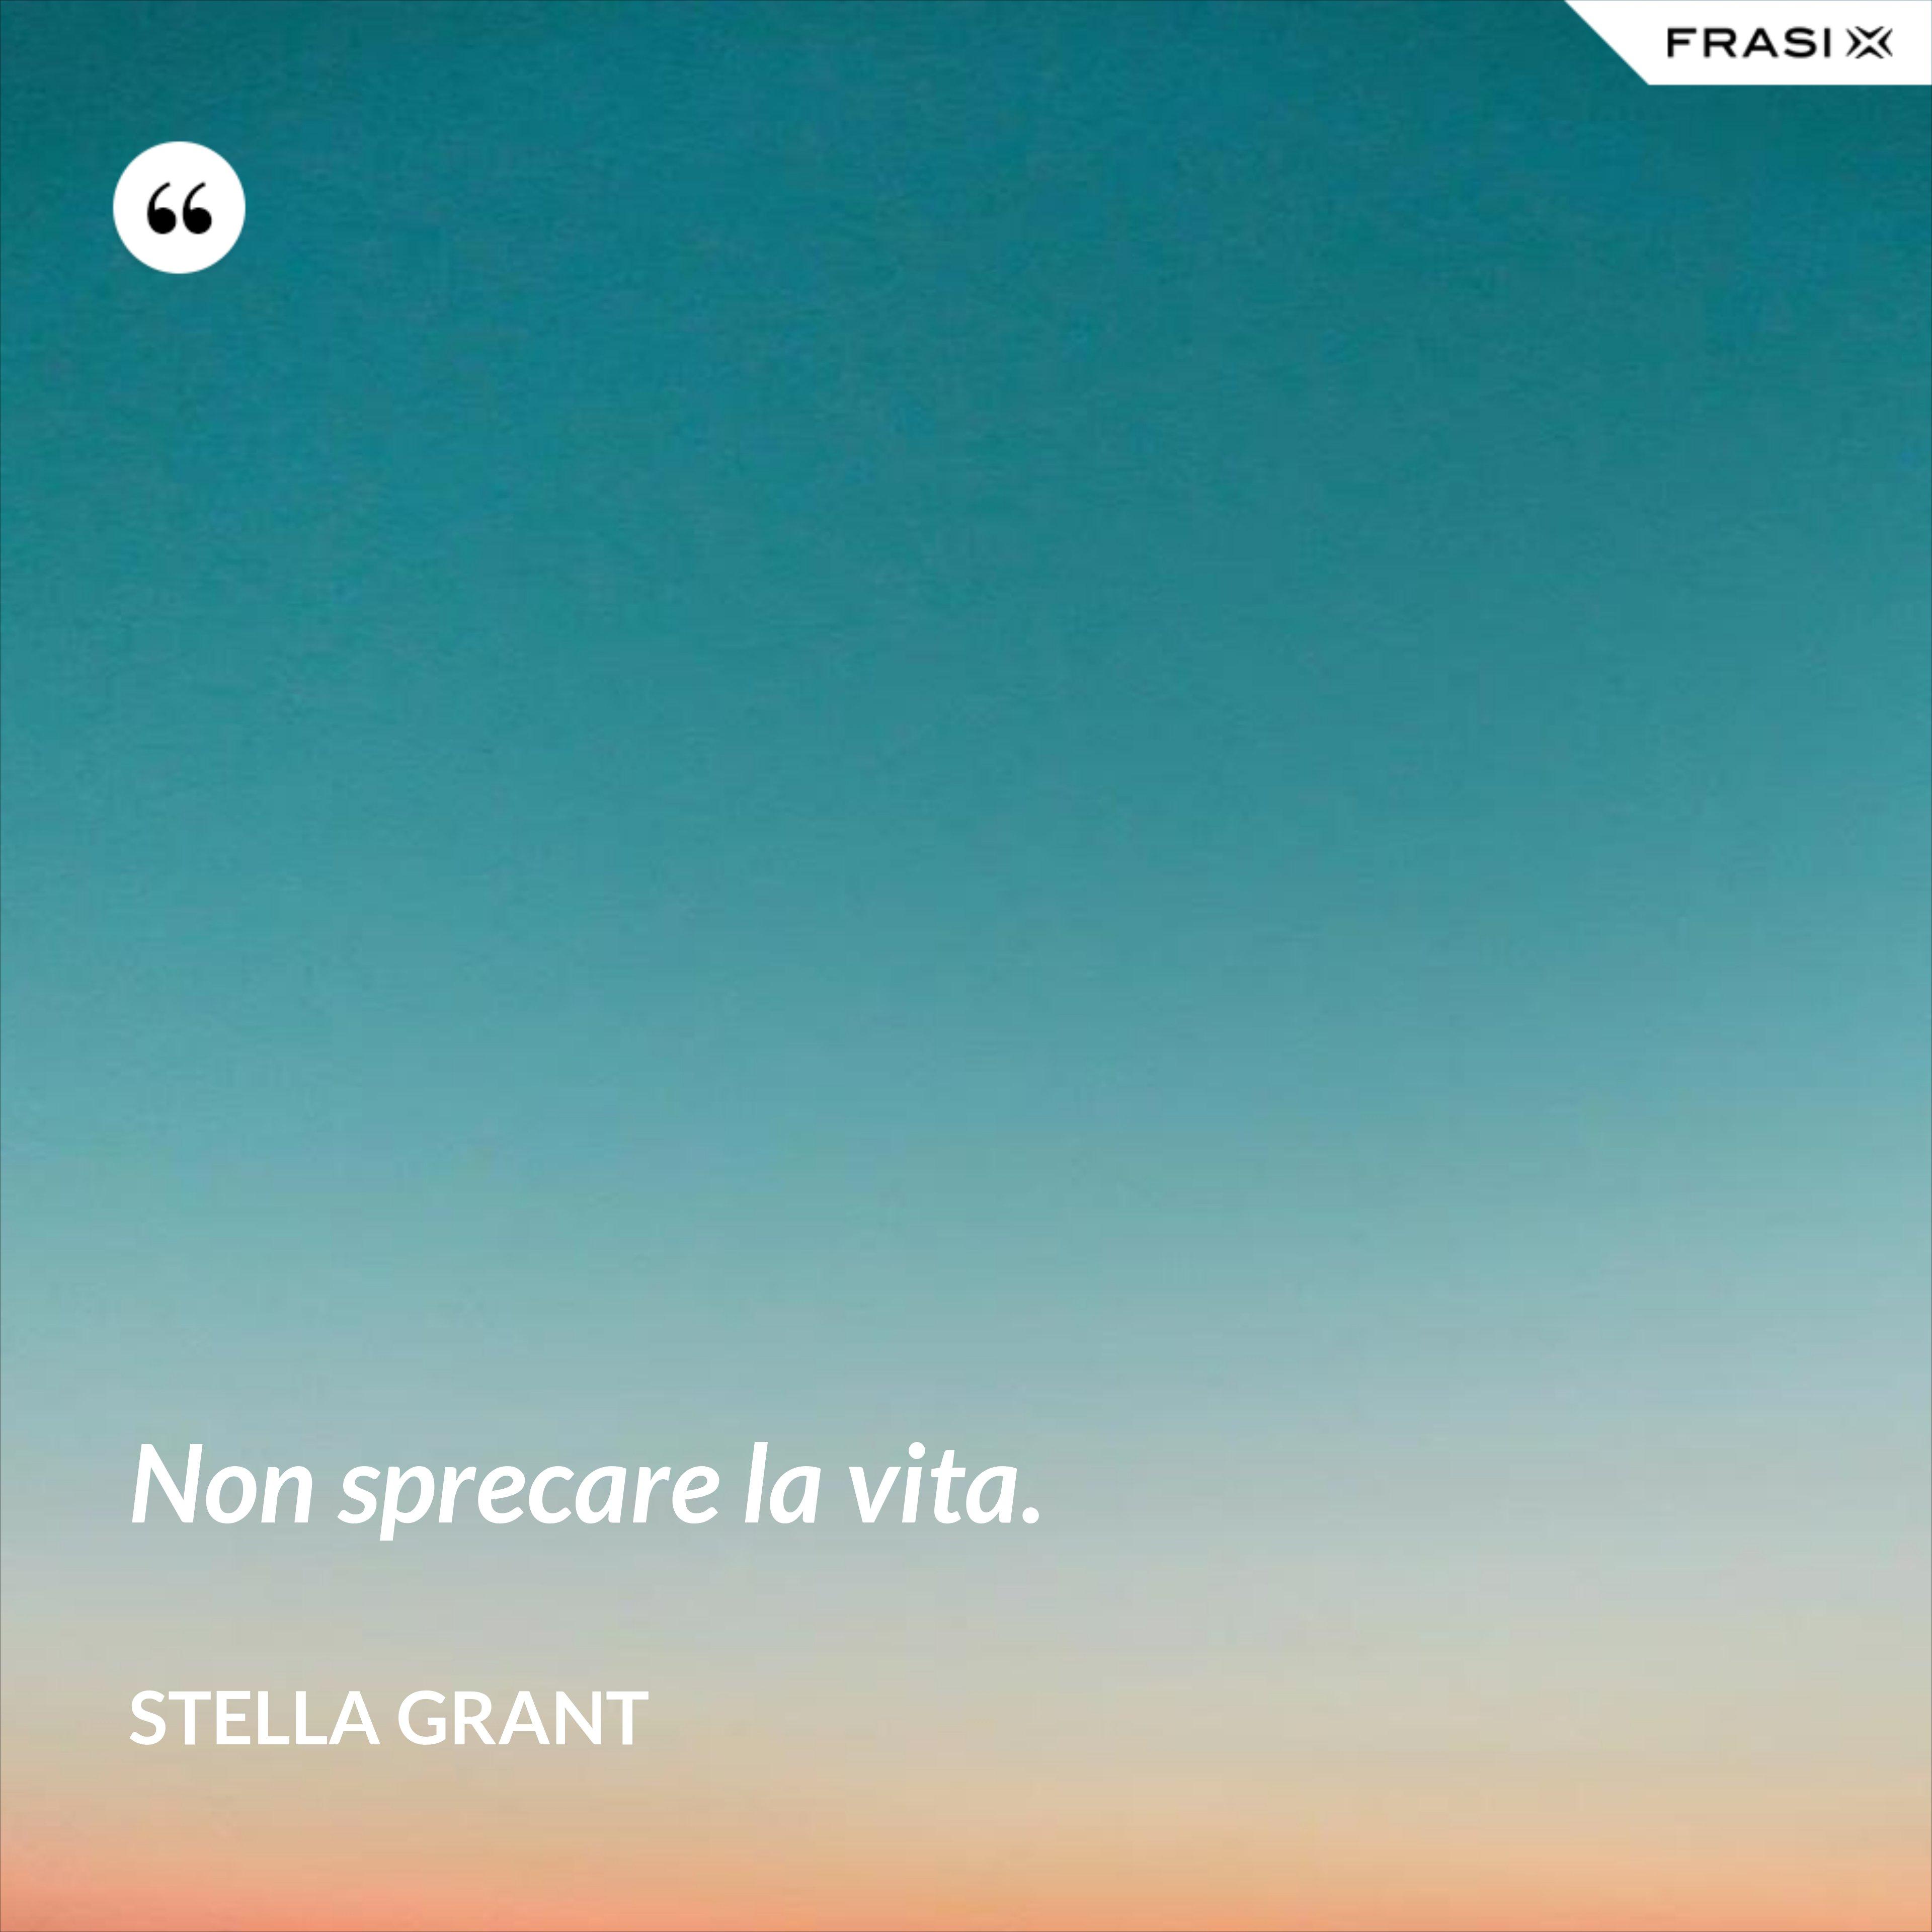 Non sprecare la vita. - Stella Grant